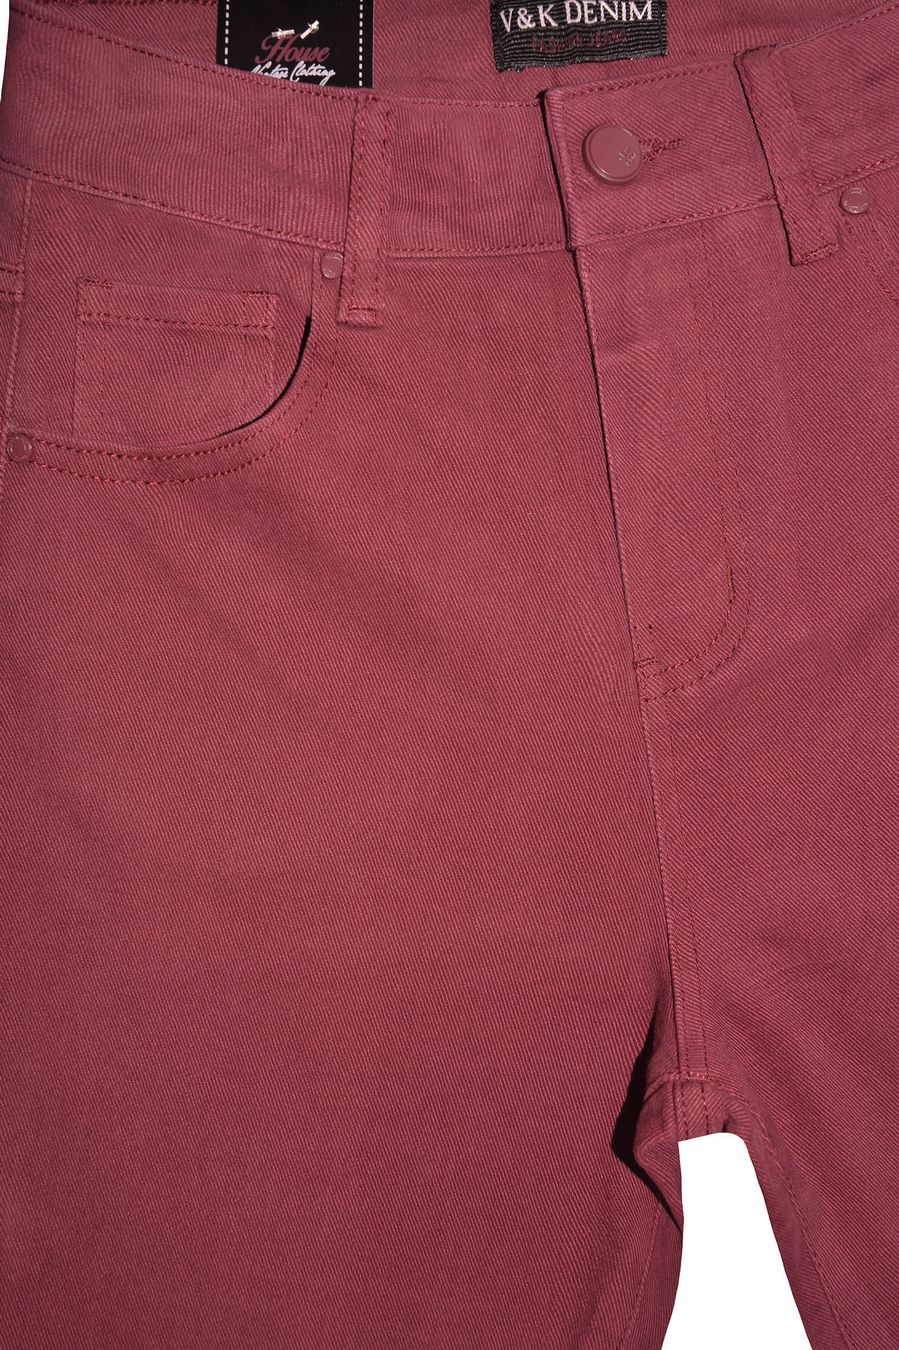 Джинсы женские V&K 106-2 - фото 3